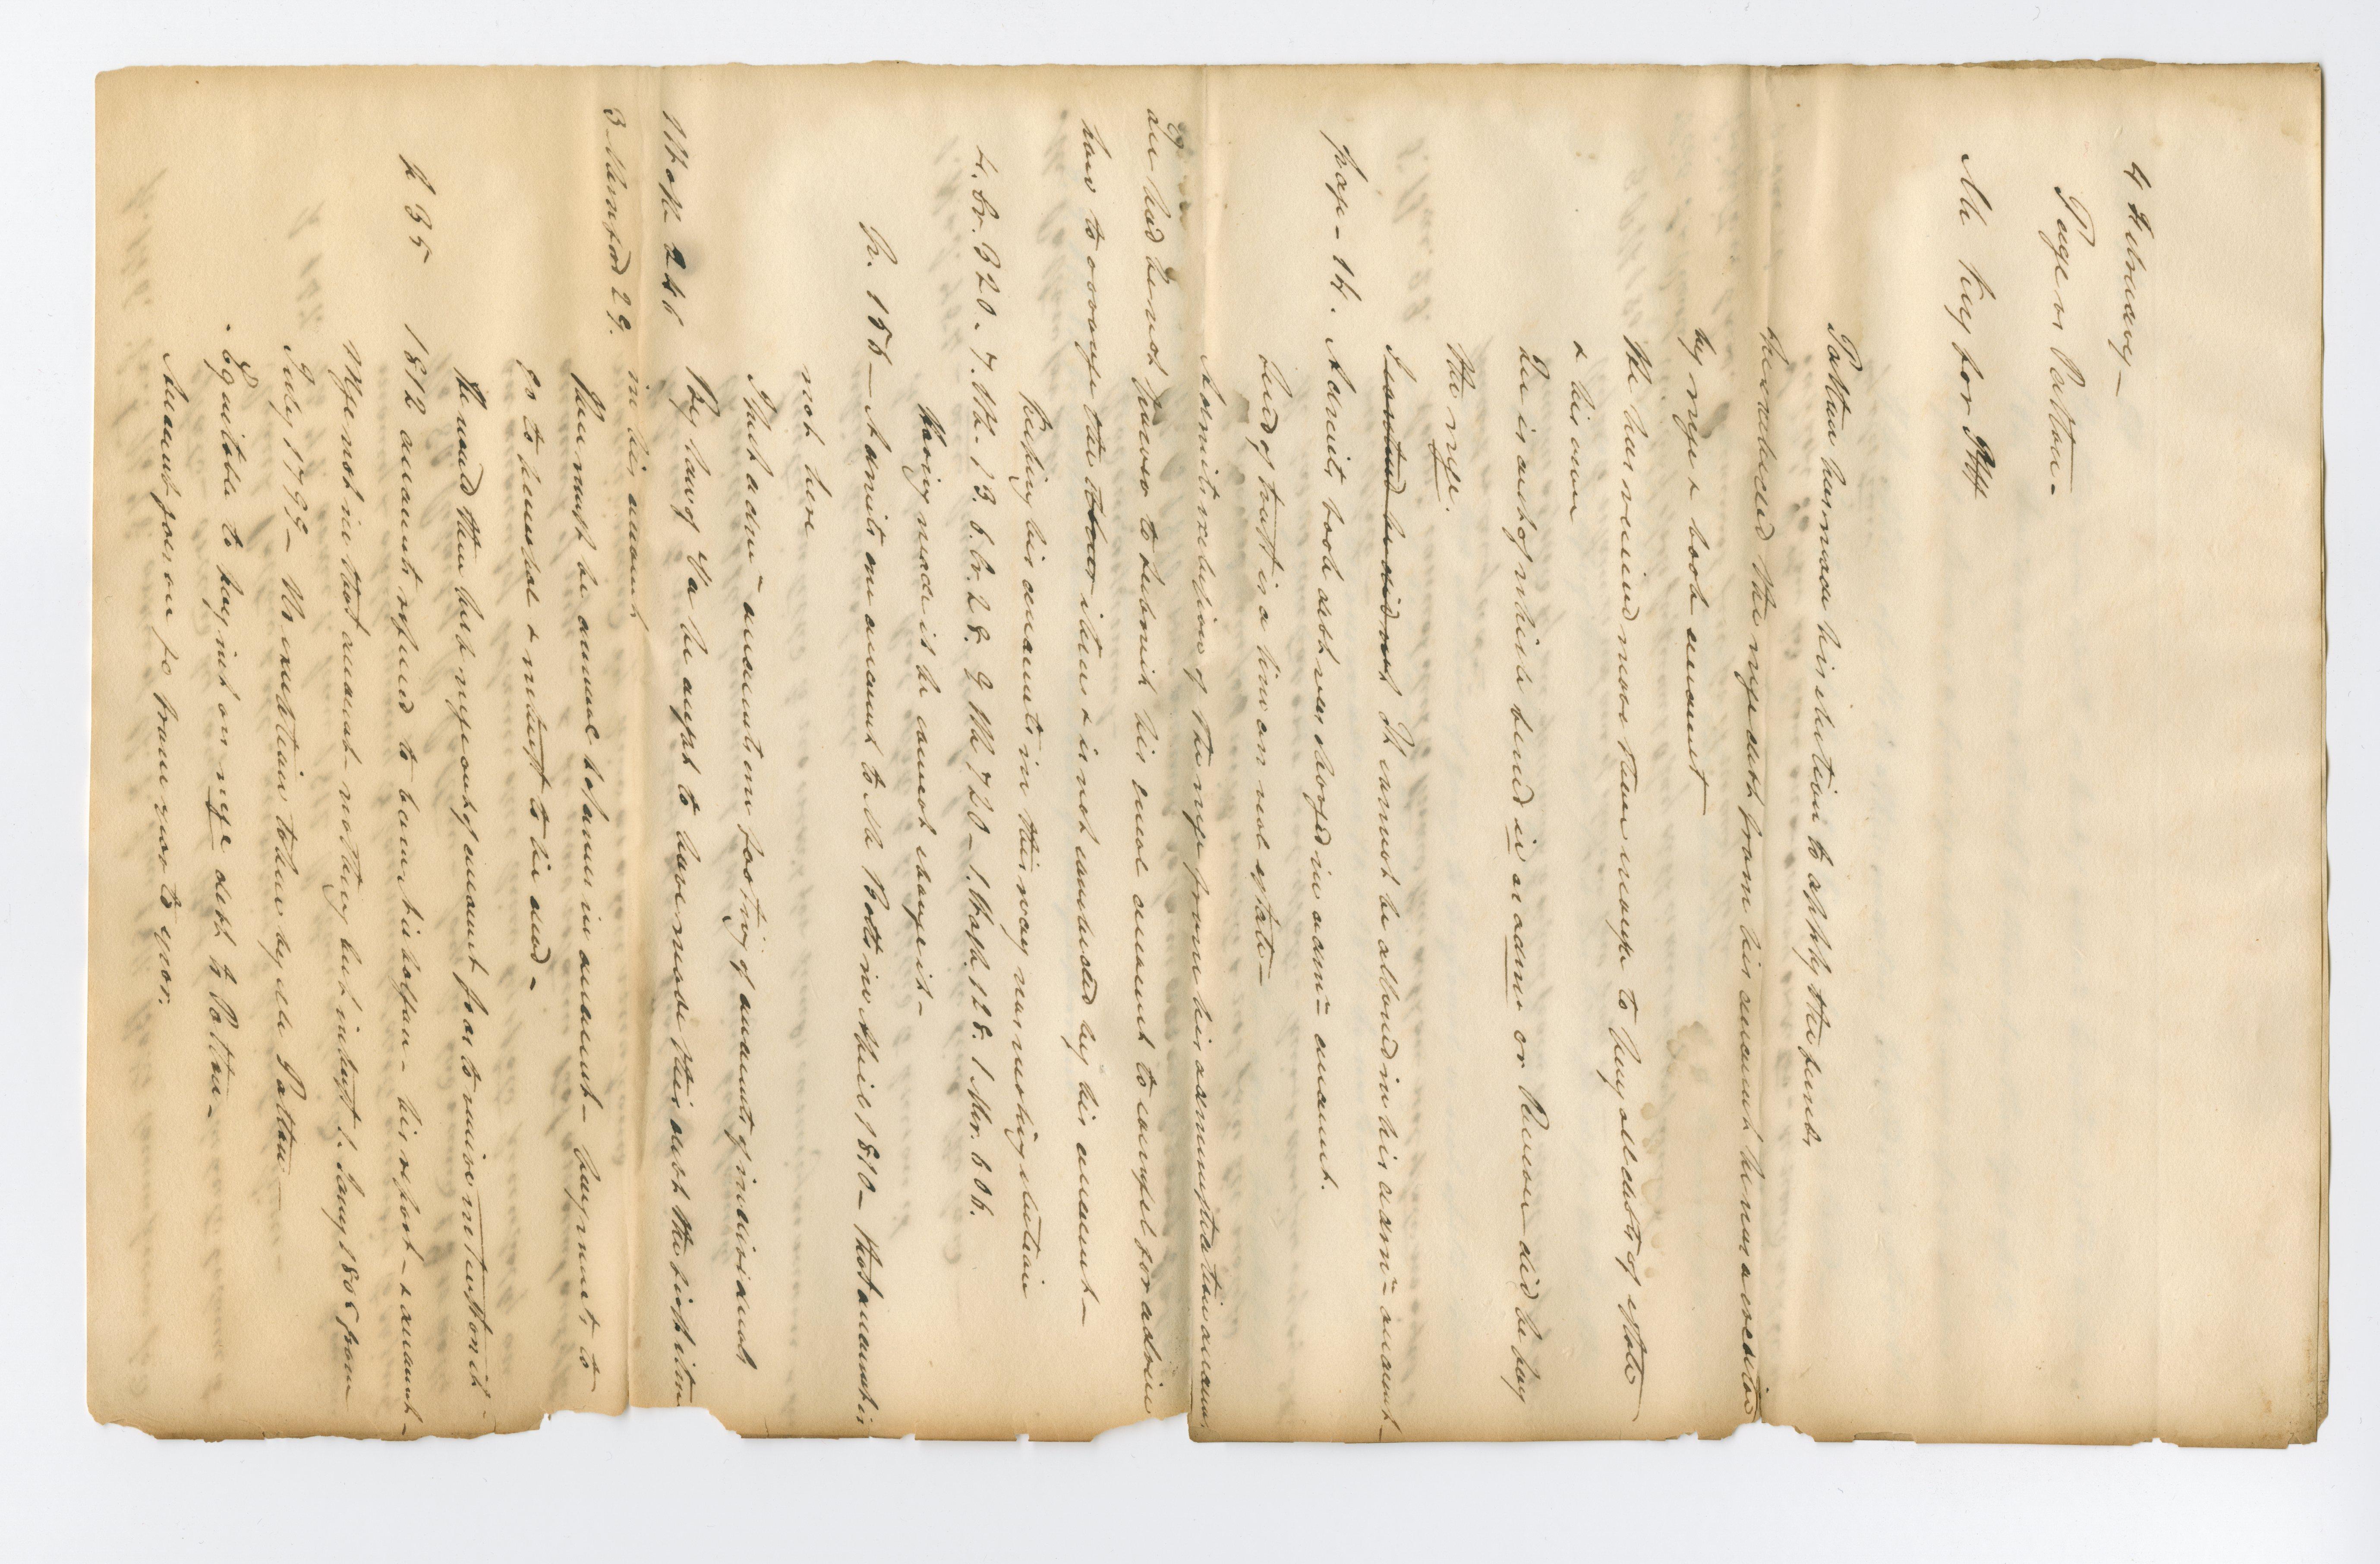 File:Baldwin Case 1549 002.jpg - Wikimedia Commons